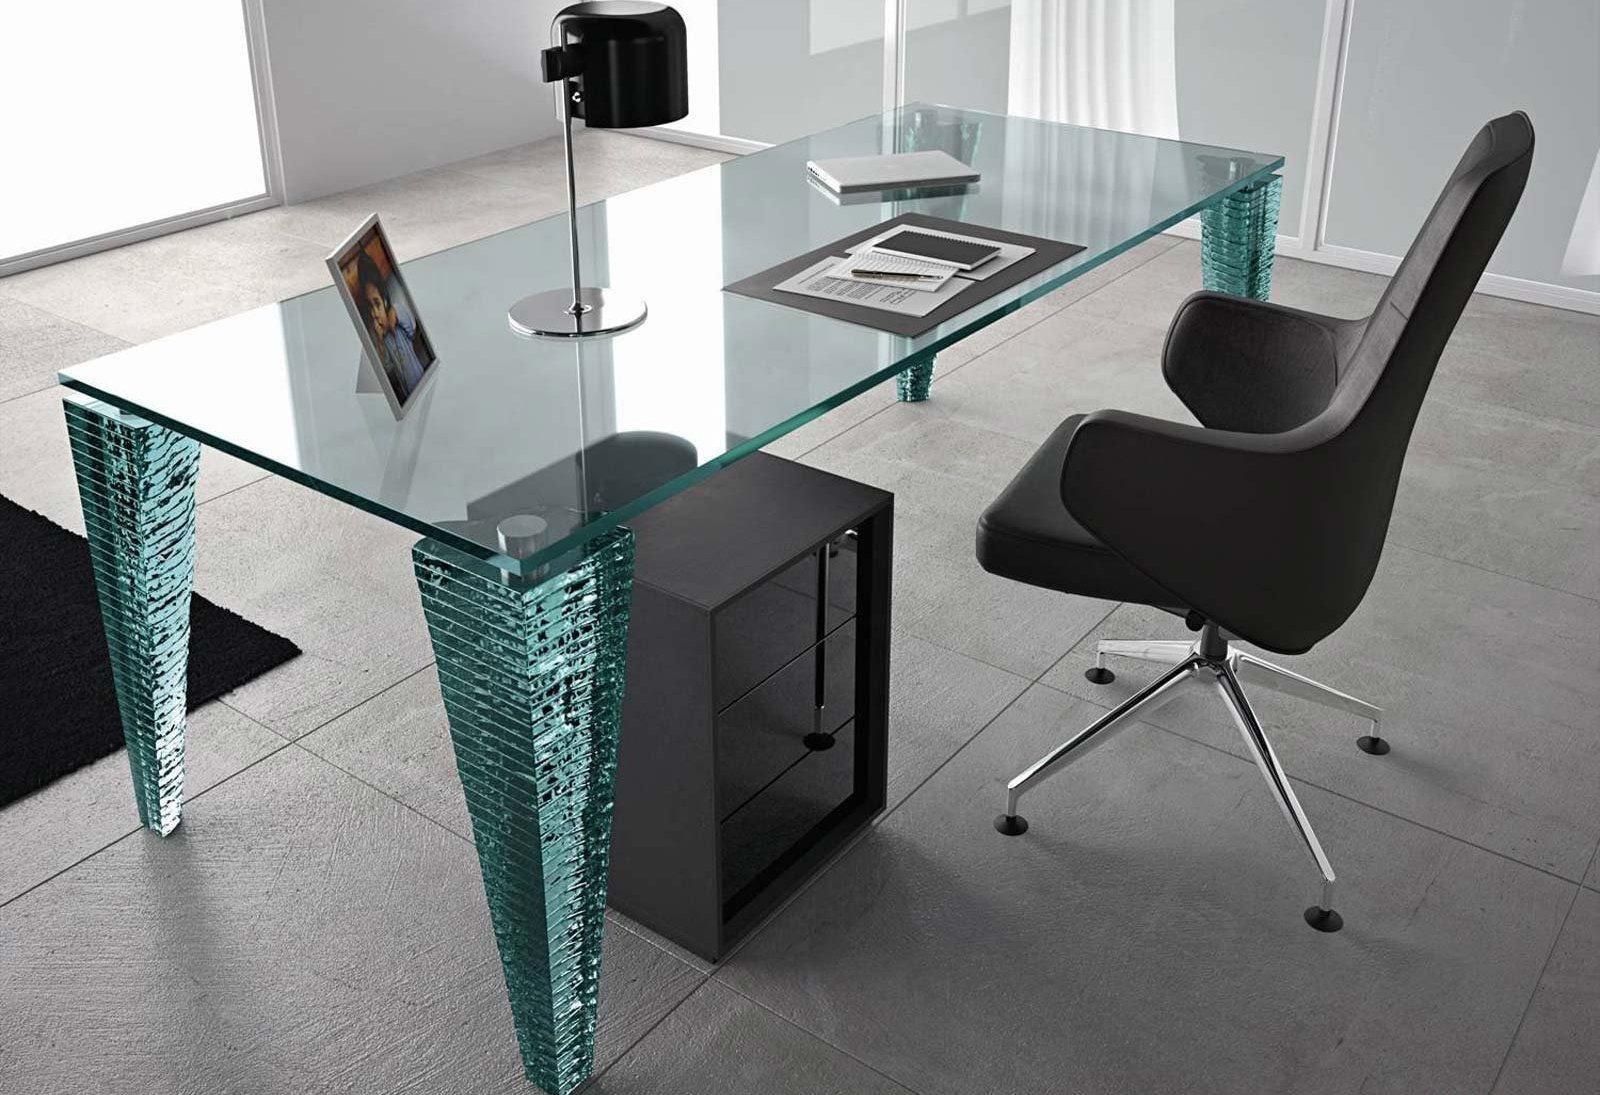 Стеклянный компьютерный стол – элегантная роскошь минималистского интерьера